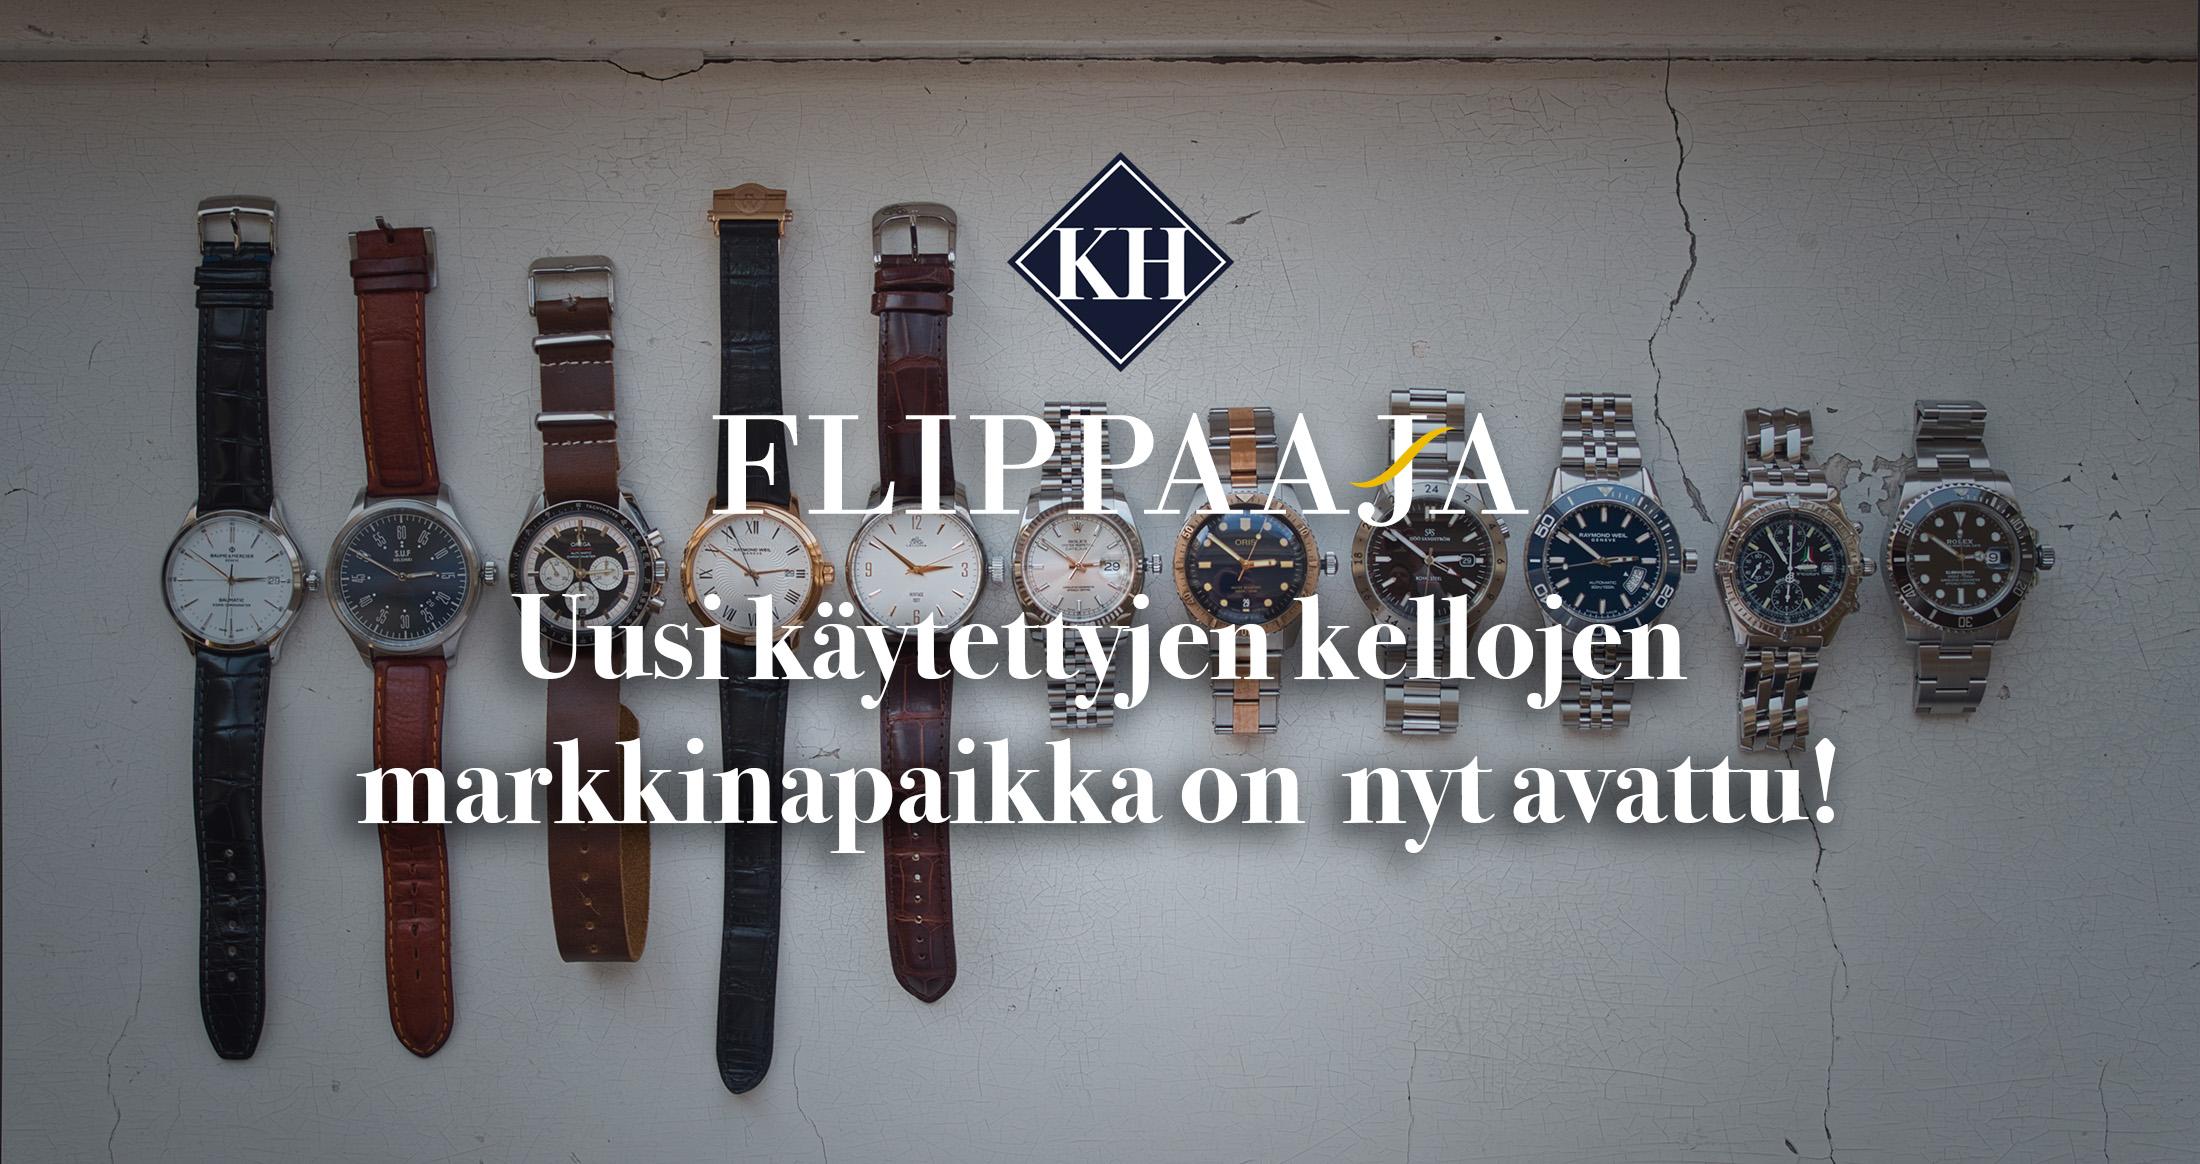 Flippaaja.fi – Suomen suosituin käytettyjen kellojen markkinapaikka on vihdoin avattu!